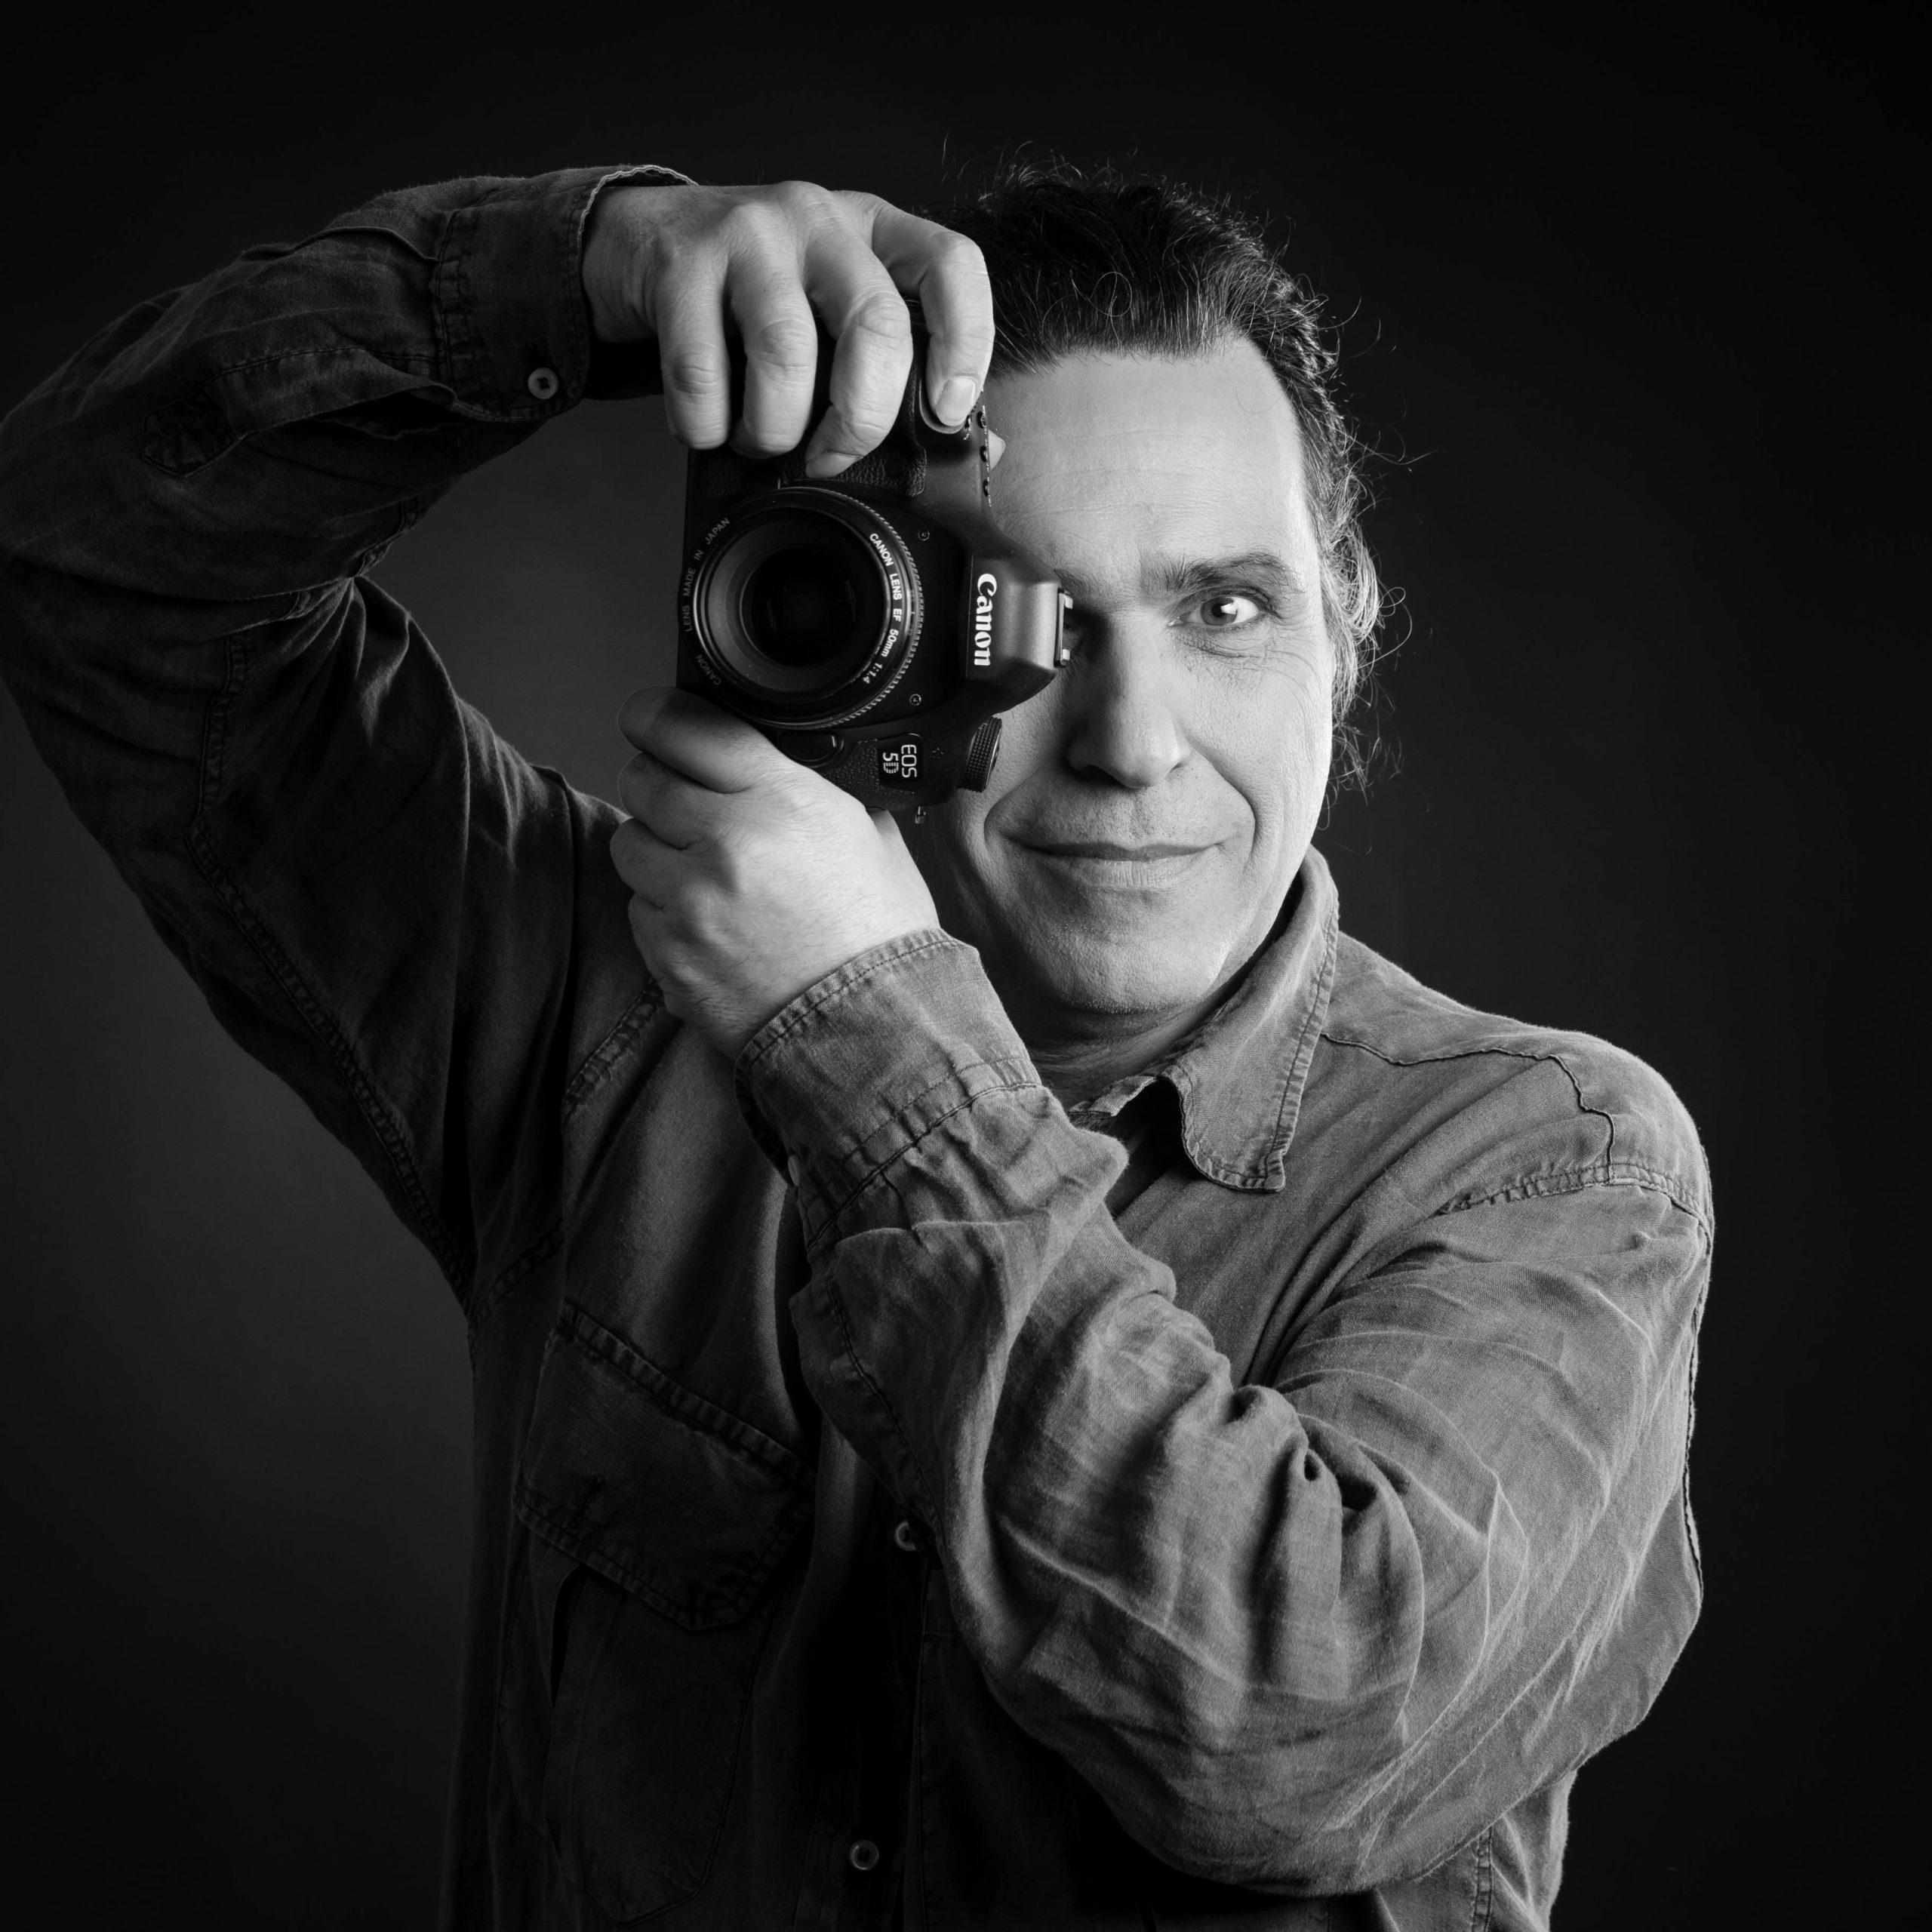 Le-photographe-2